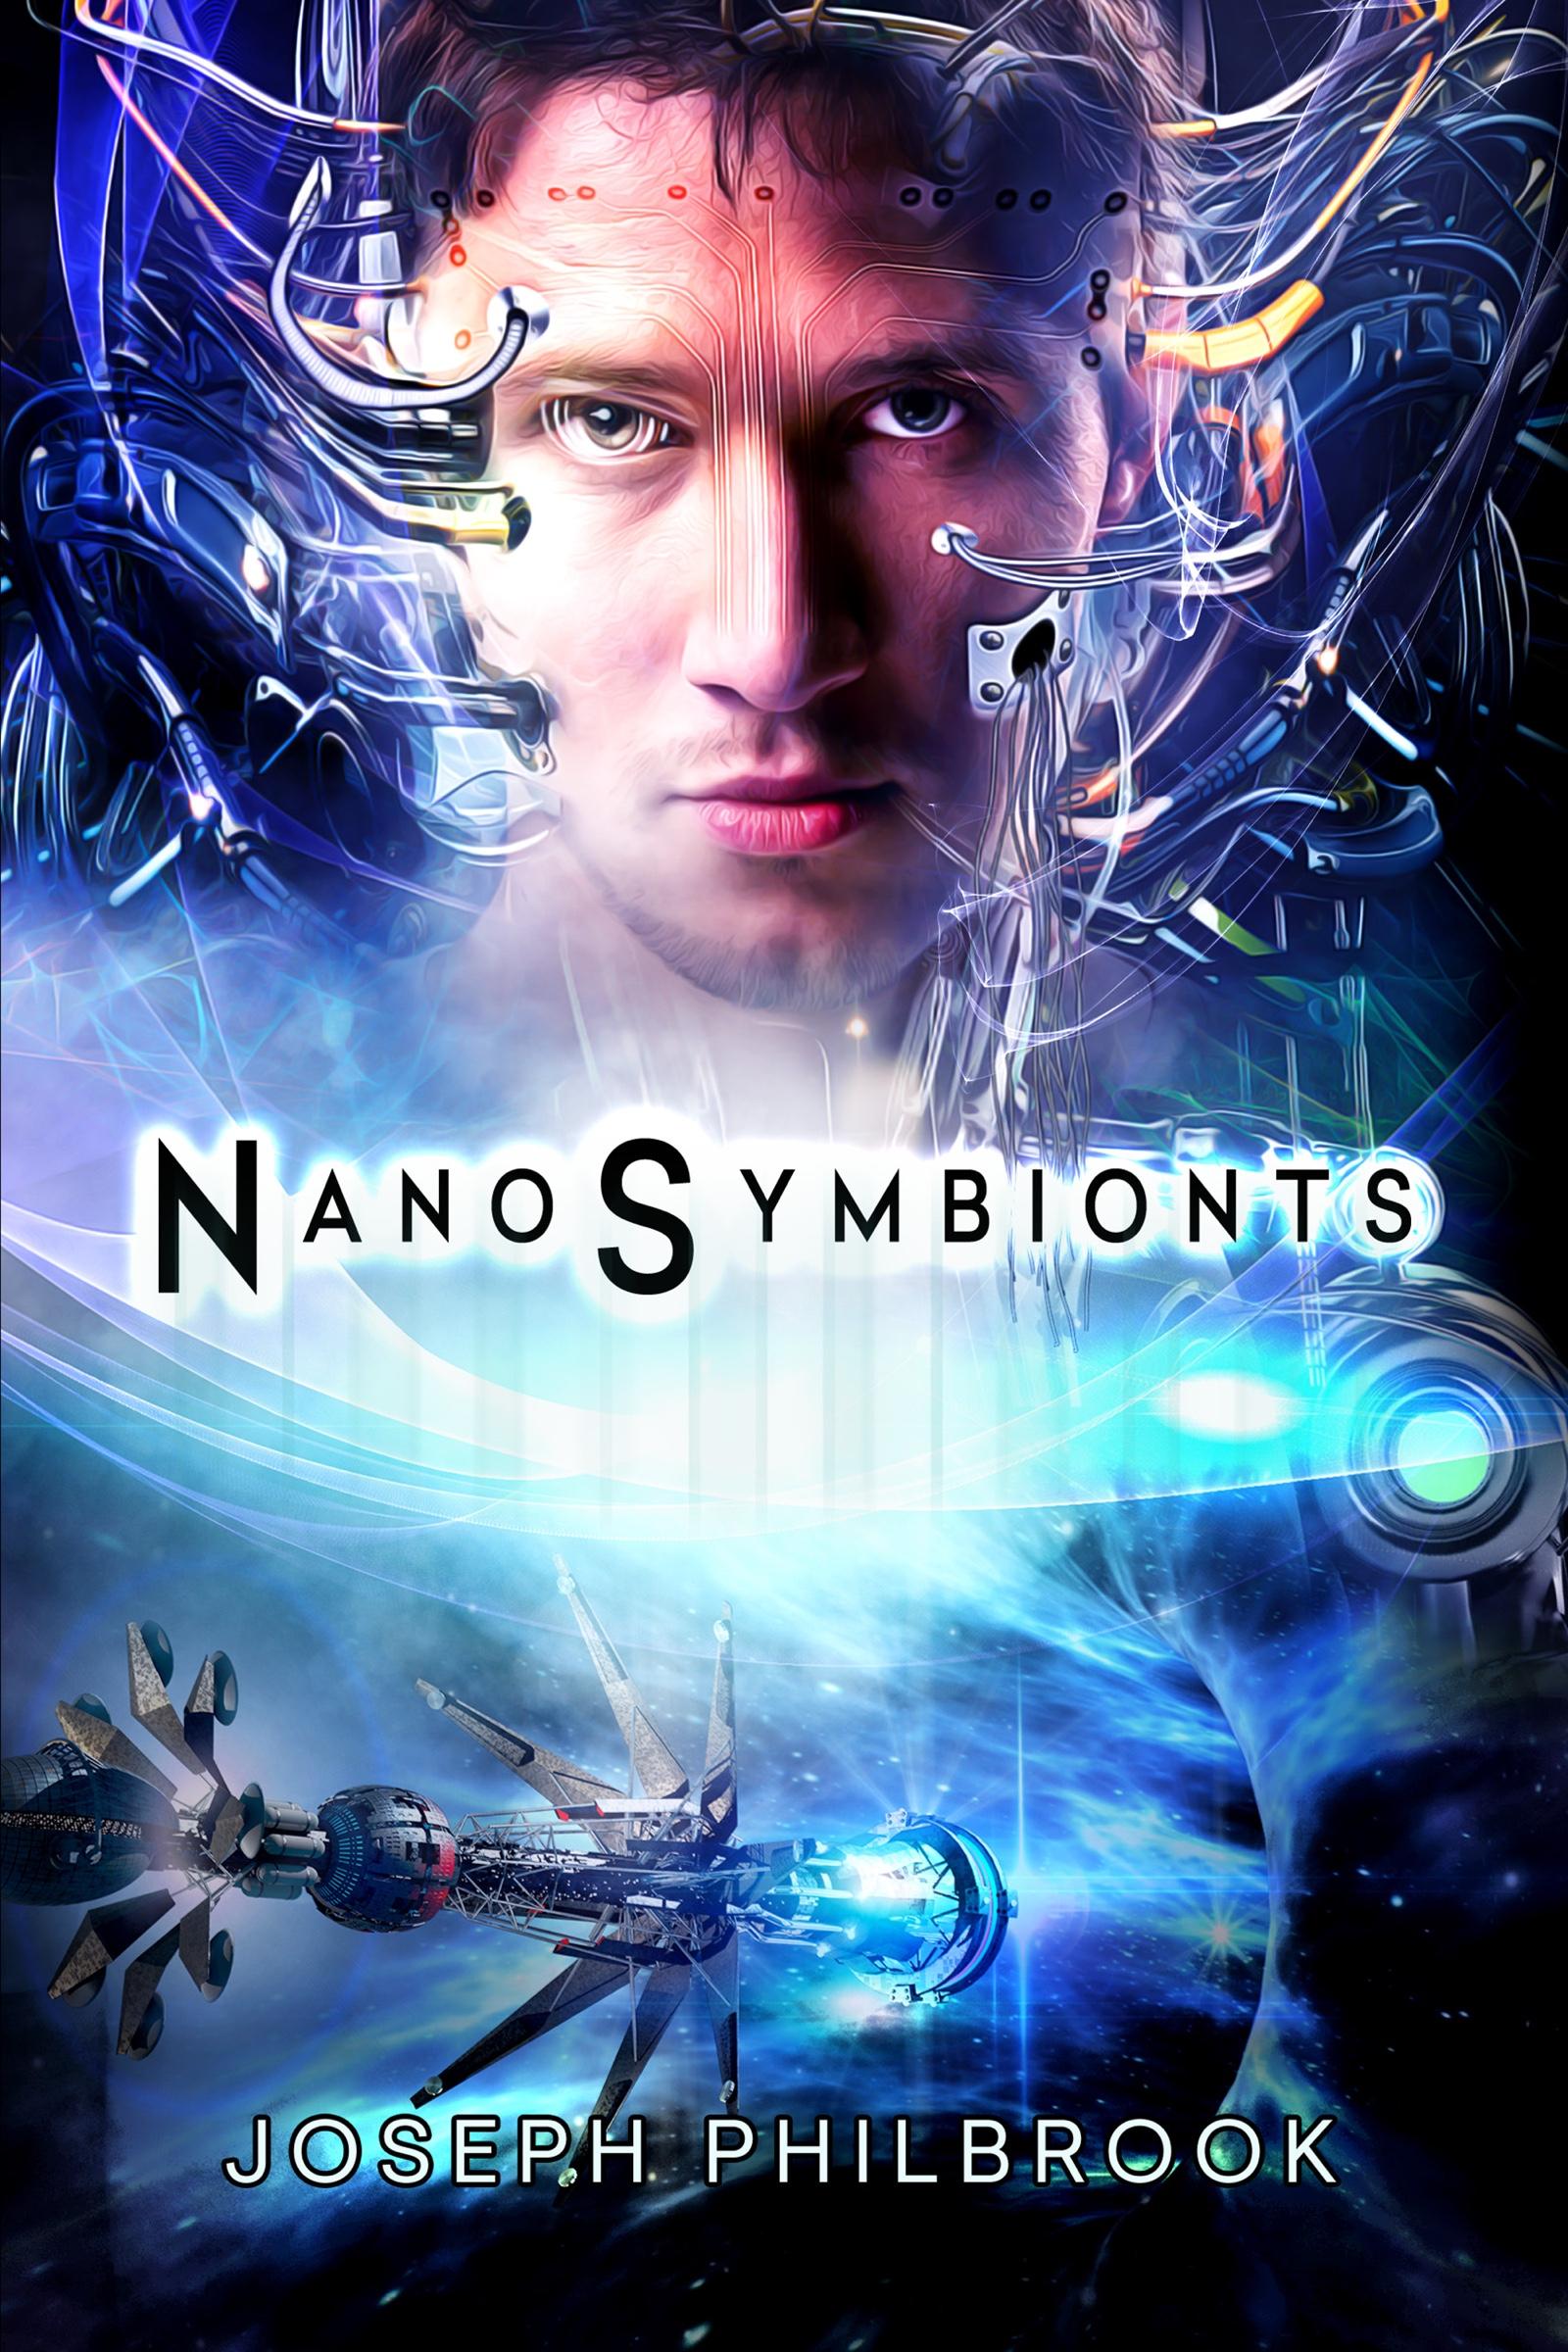 NanoSymbionts